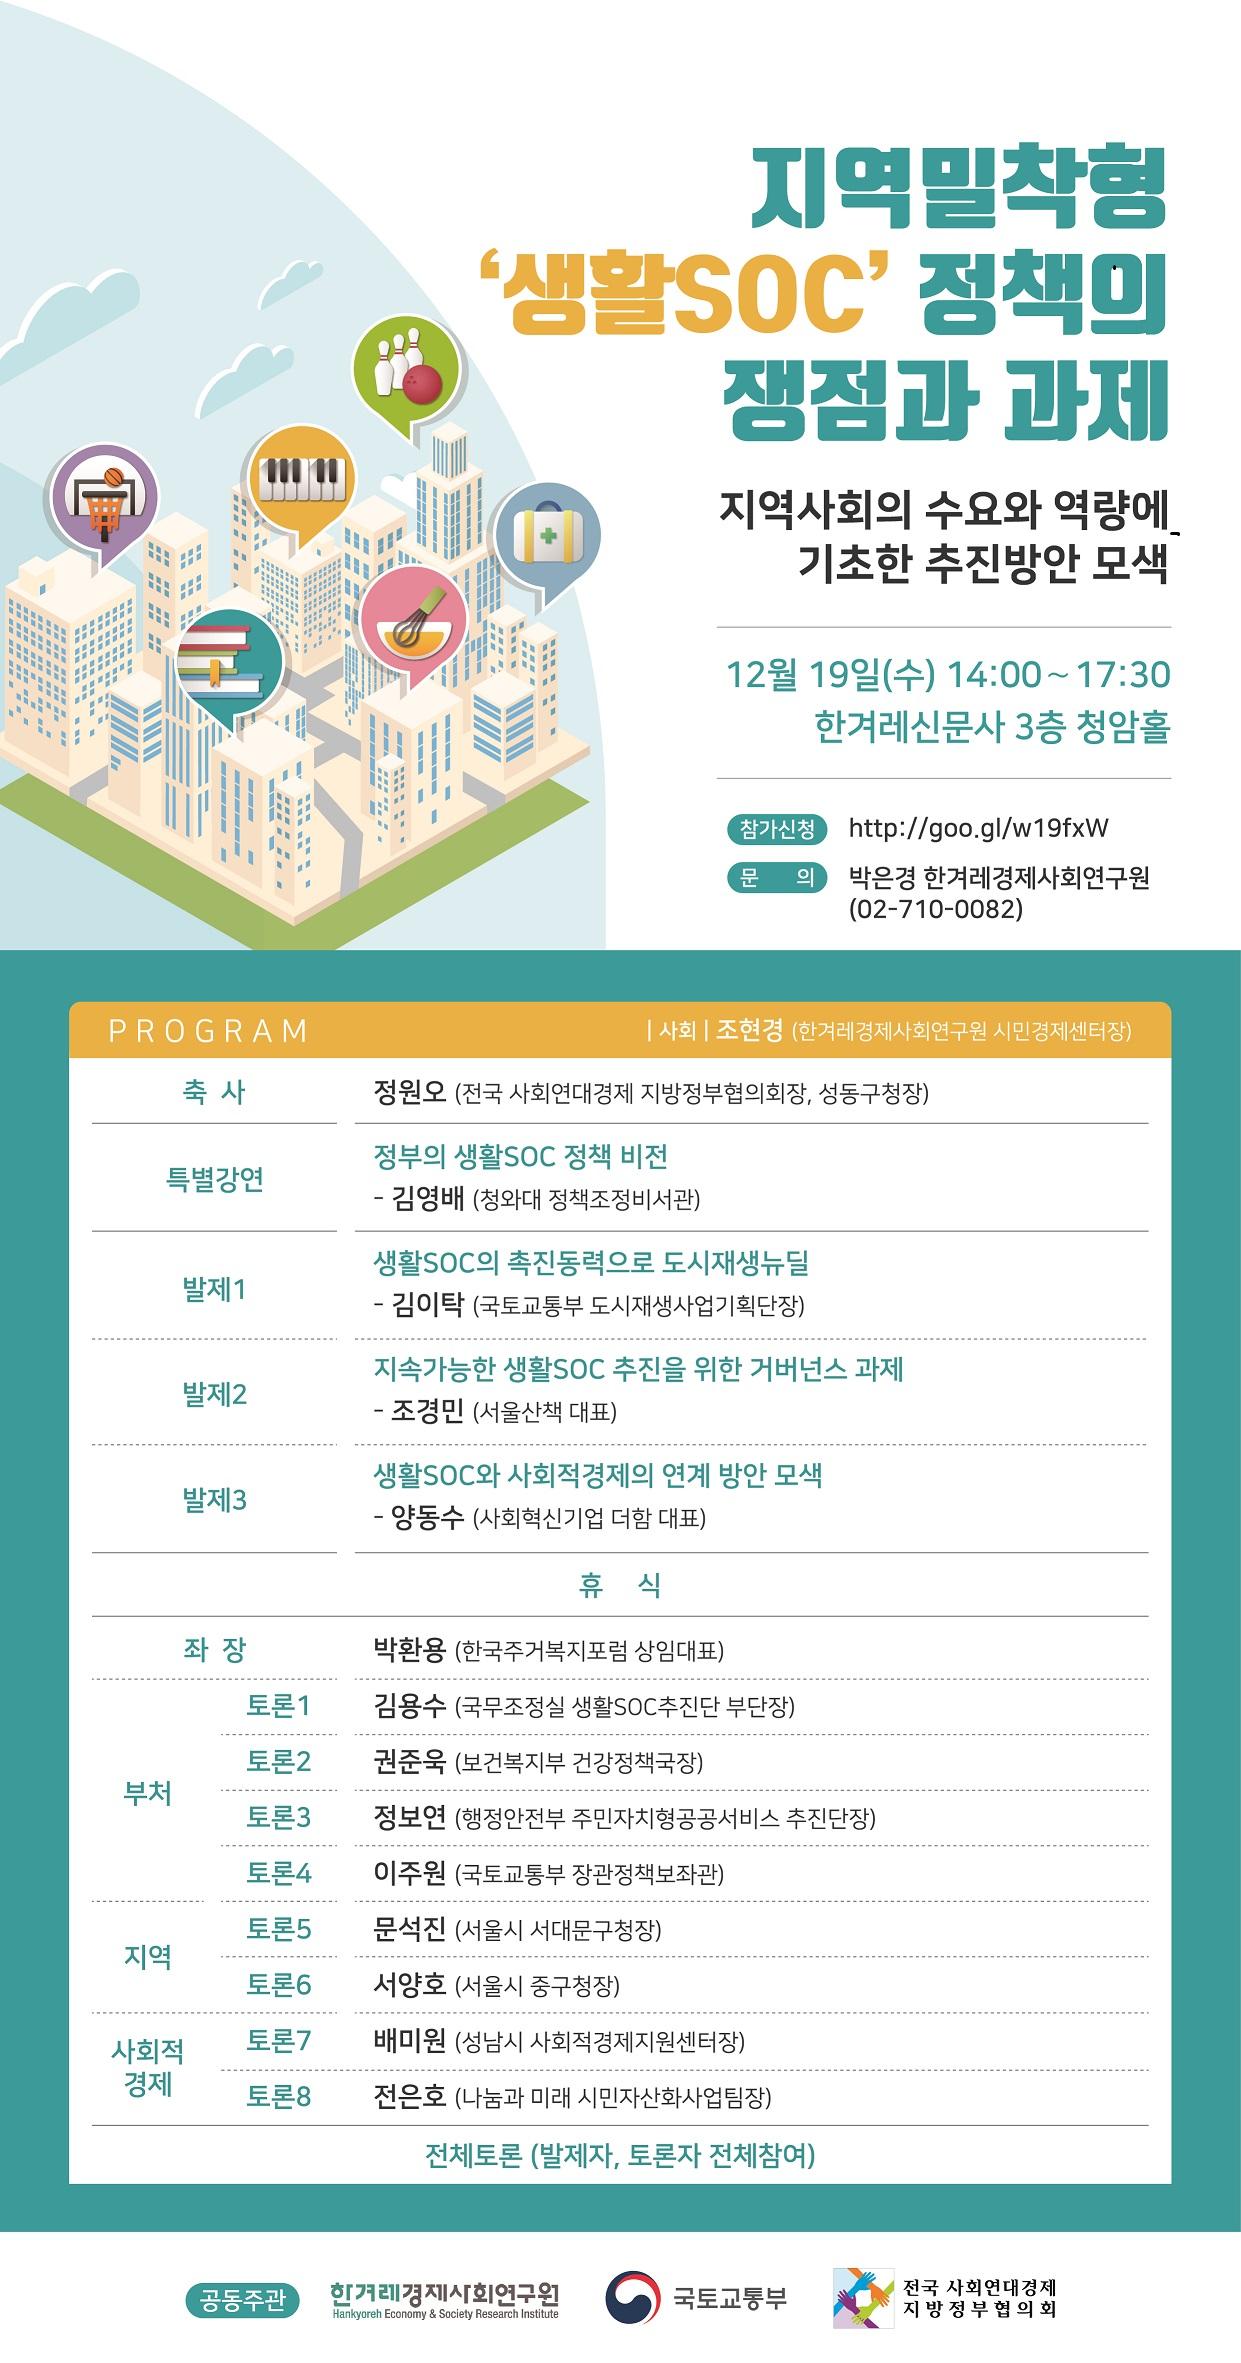 한겨레 생활soc 웹배너 - 수정 7차.jpg